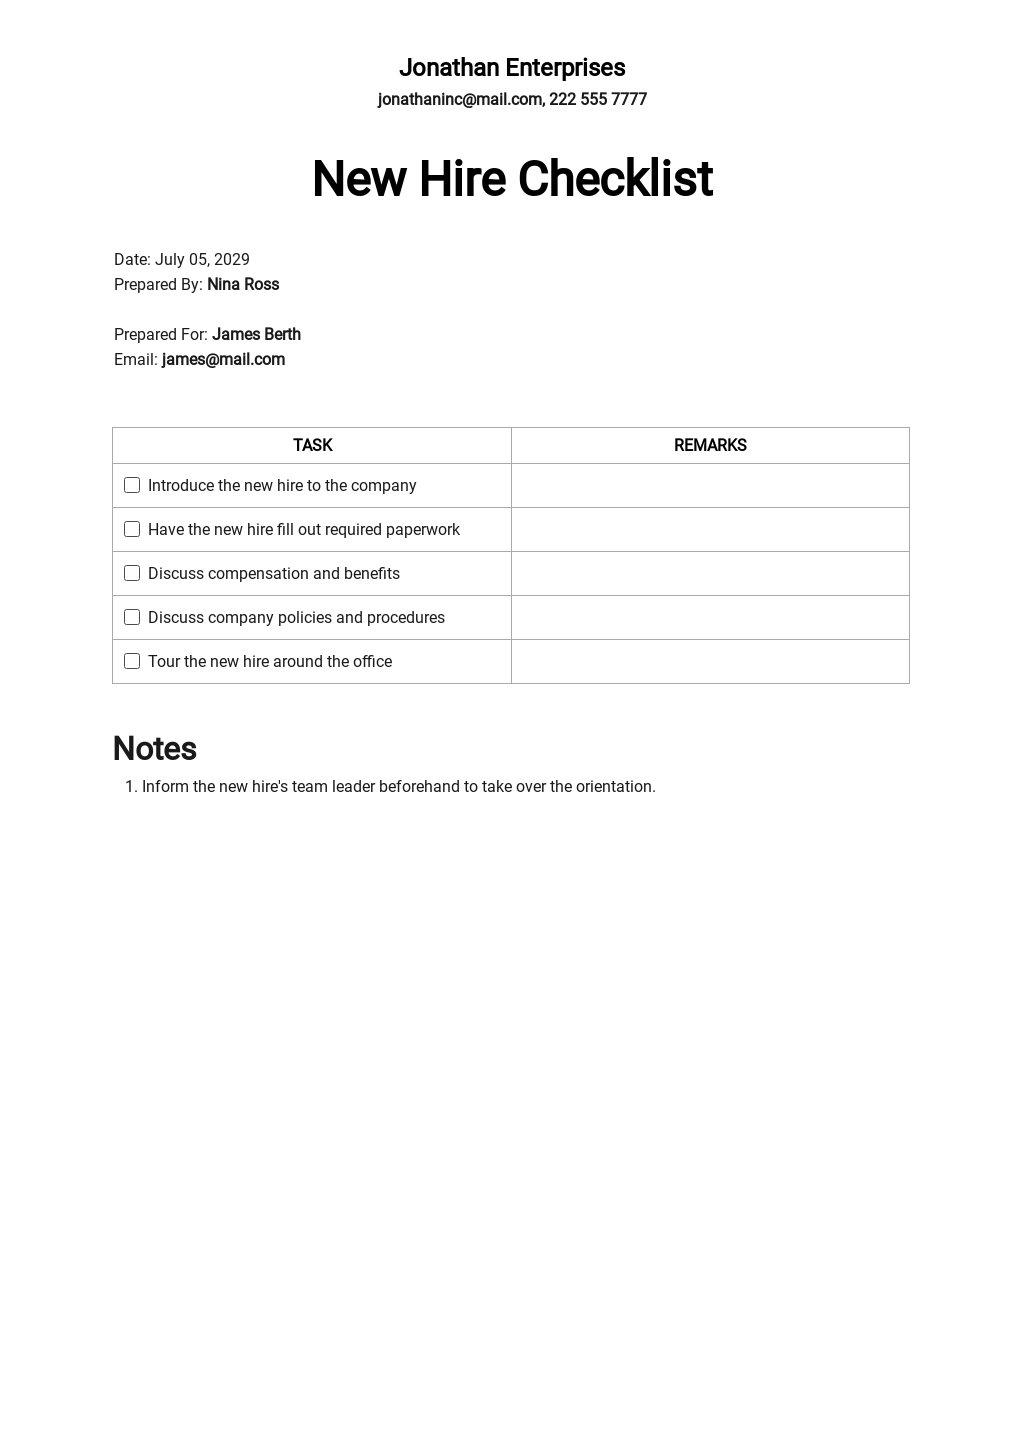 New Hire Checklist Template.jpe